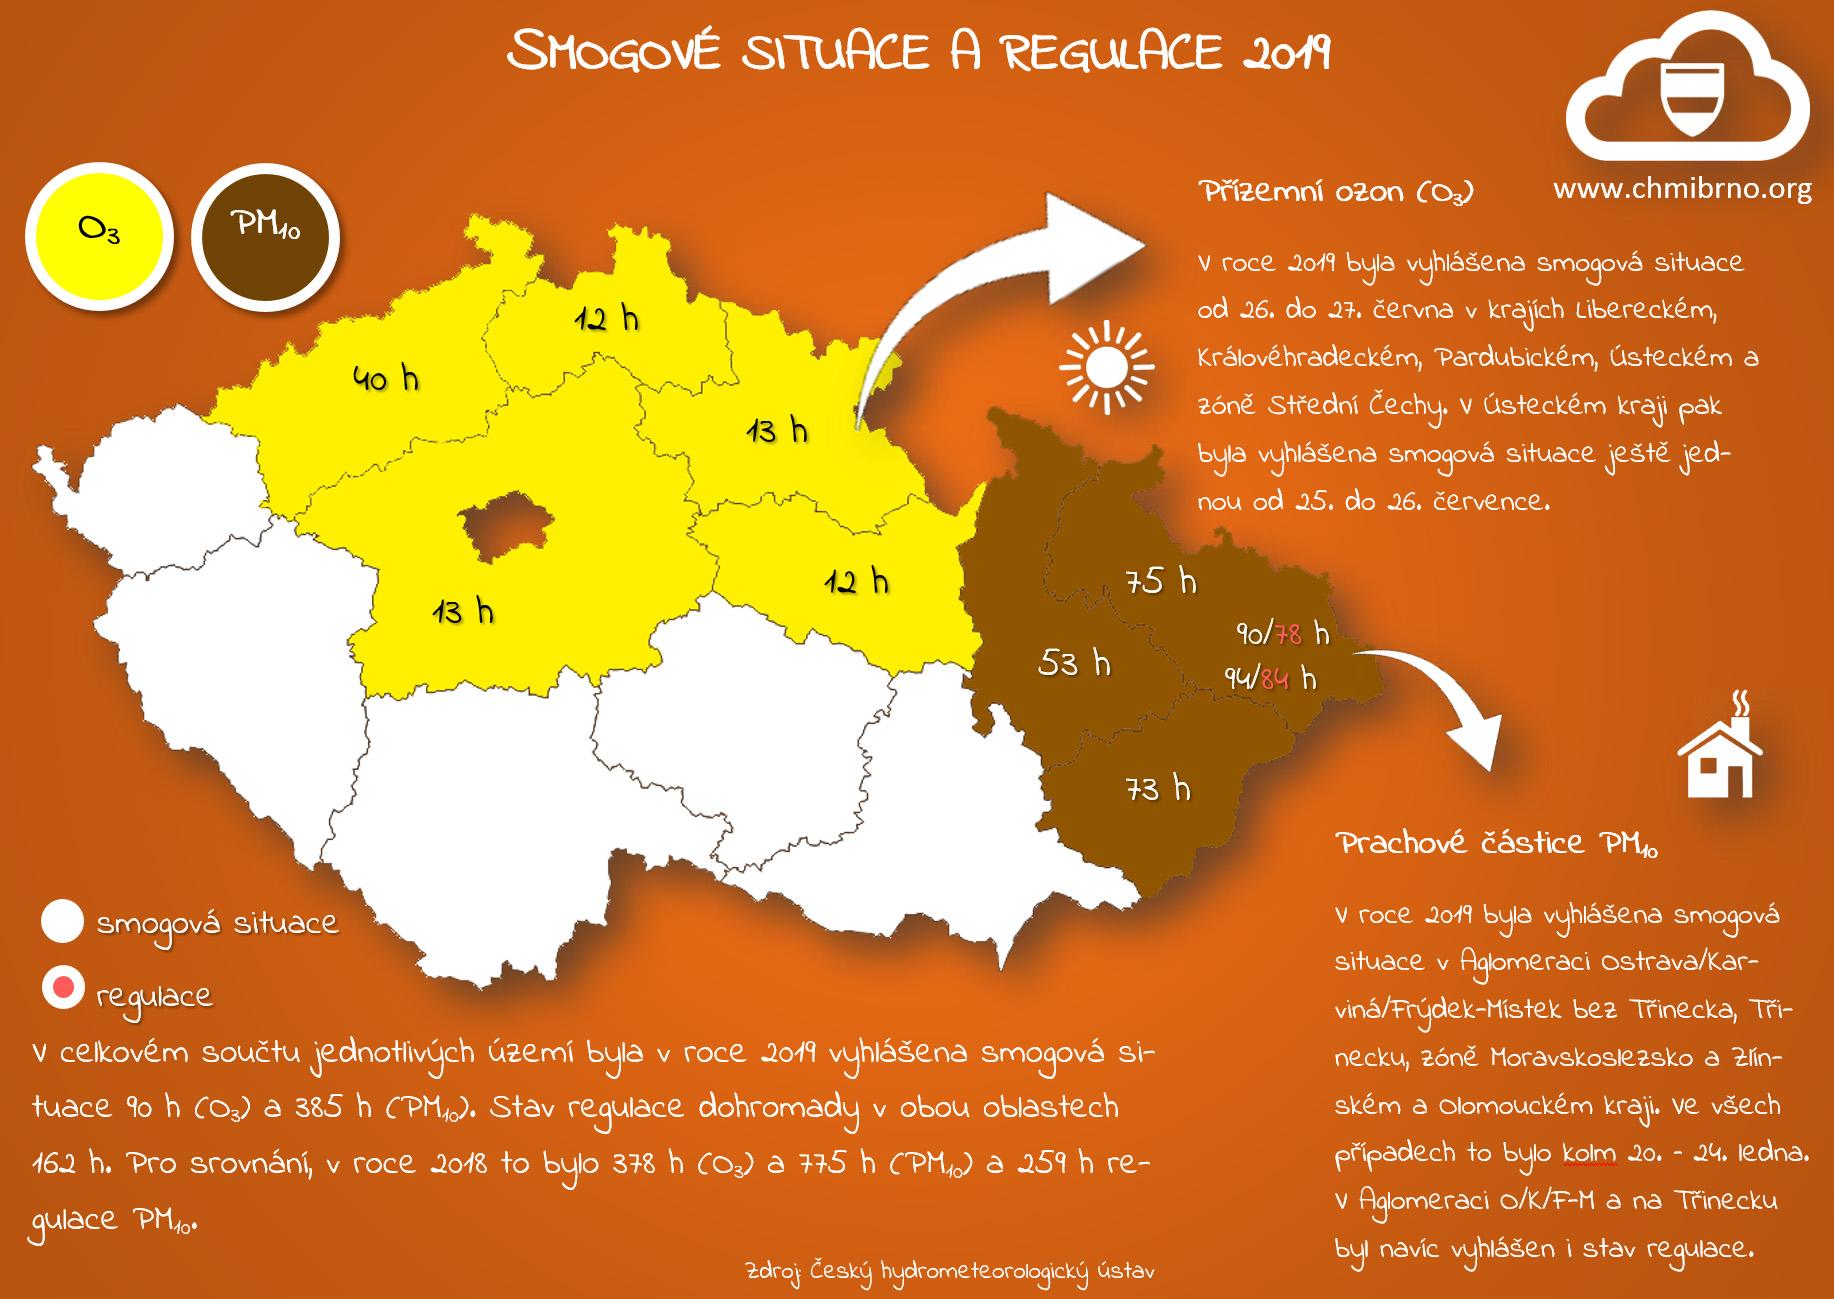 Smogové situace a regulace v roce 20192 min čtení